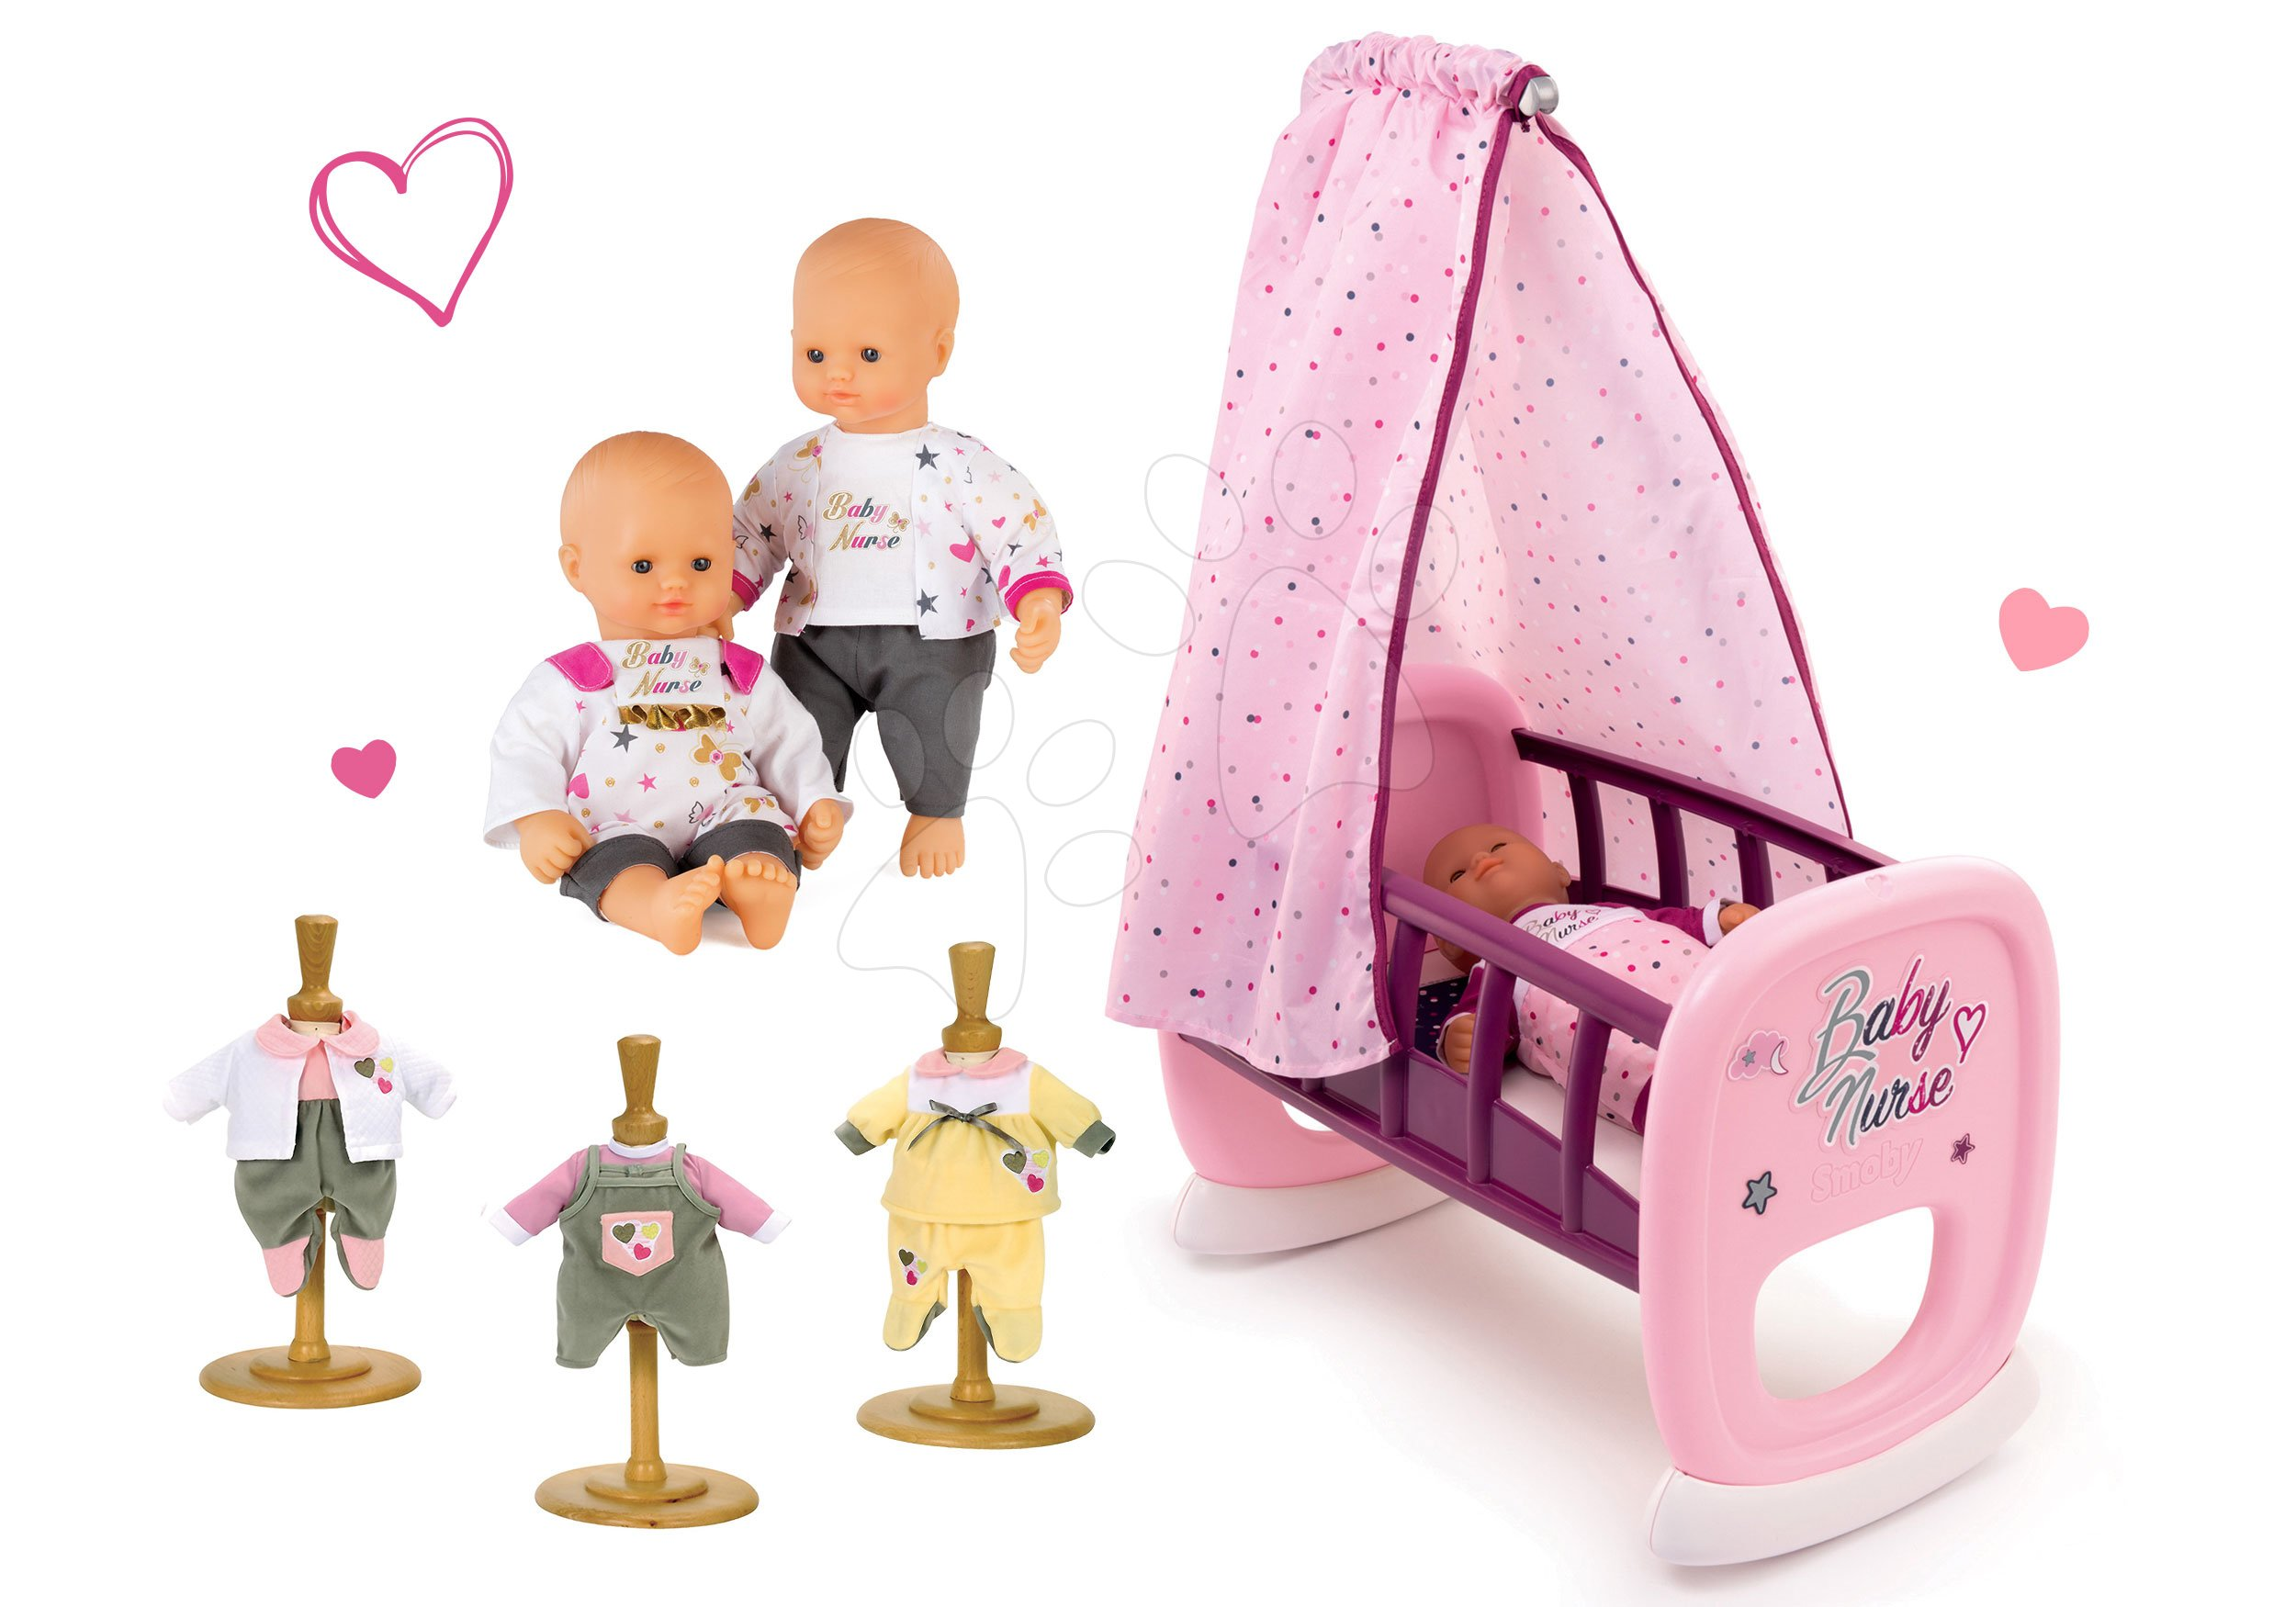 Set panenka Baby Nurse Zlatá edice Smoby 32 cm, kolébka s baldachýnem a 3 šaty